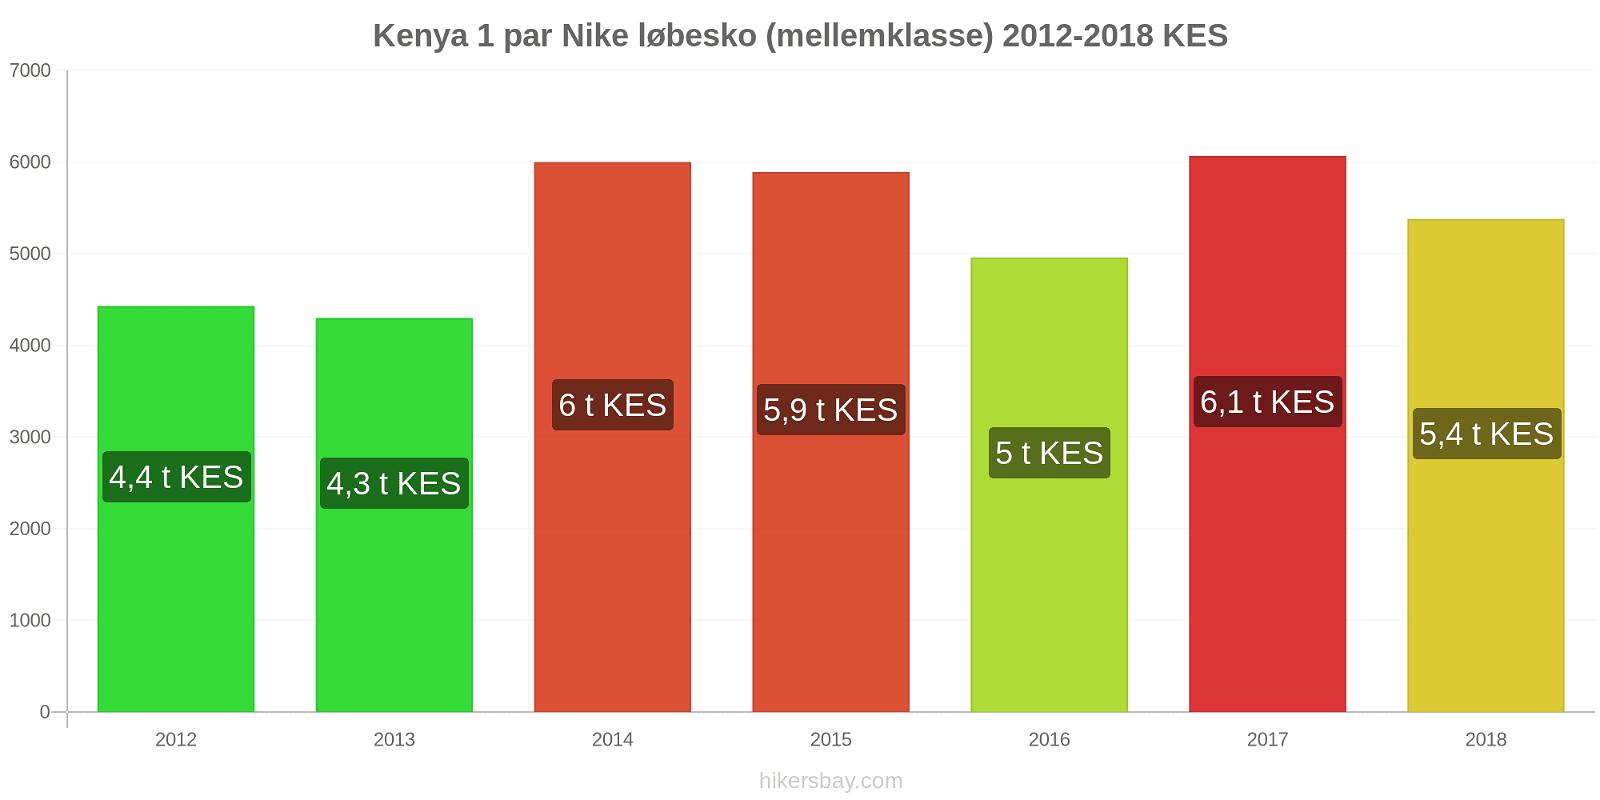 Kenya prisændringer 1 par Nike løbesko (mellemklasse) hikersbay.com